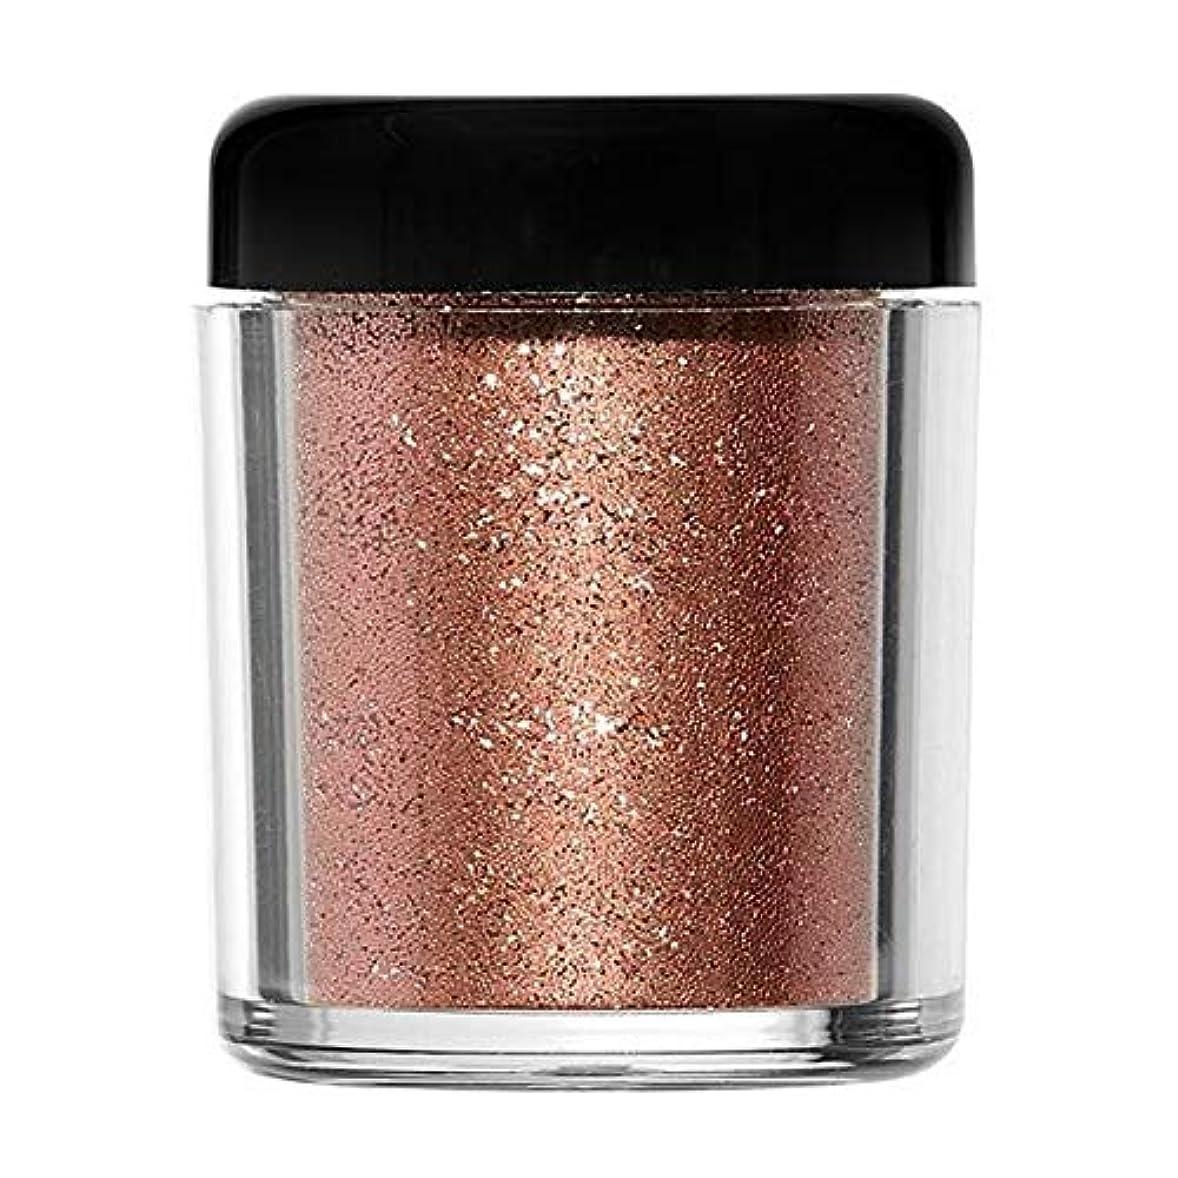 仲良し高速道路勧告[Barry M ] バリーメートルのグリッターラッシュボディの輝き - ローズクォーツ - Barry M Glitter Rush Body Glitter - Rose Quartz [並行輸入品]